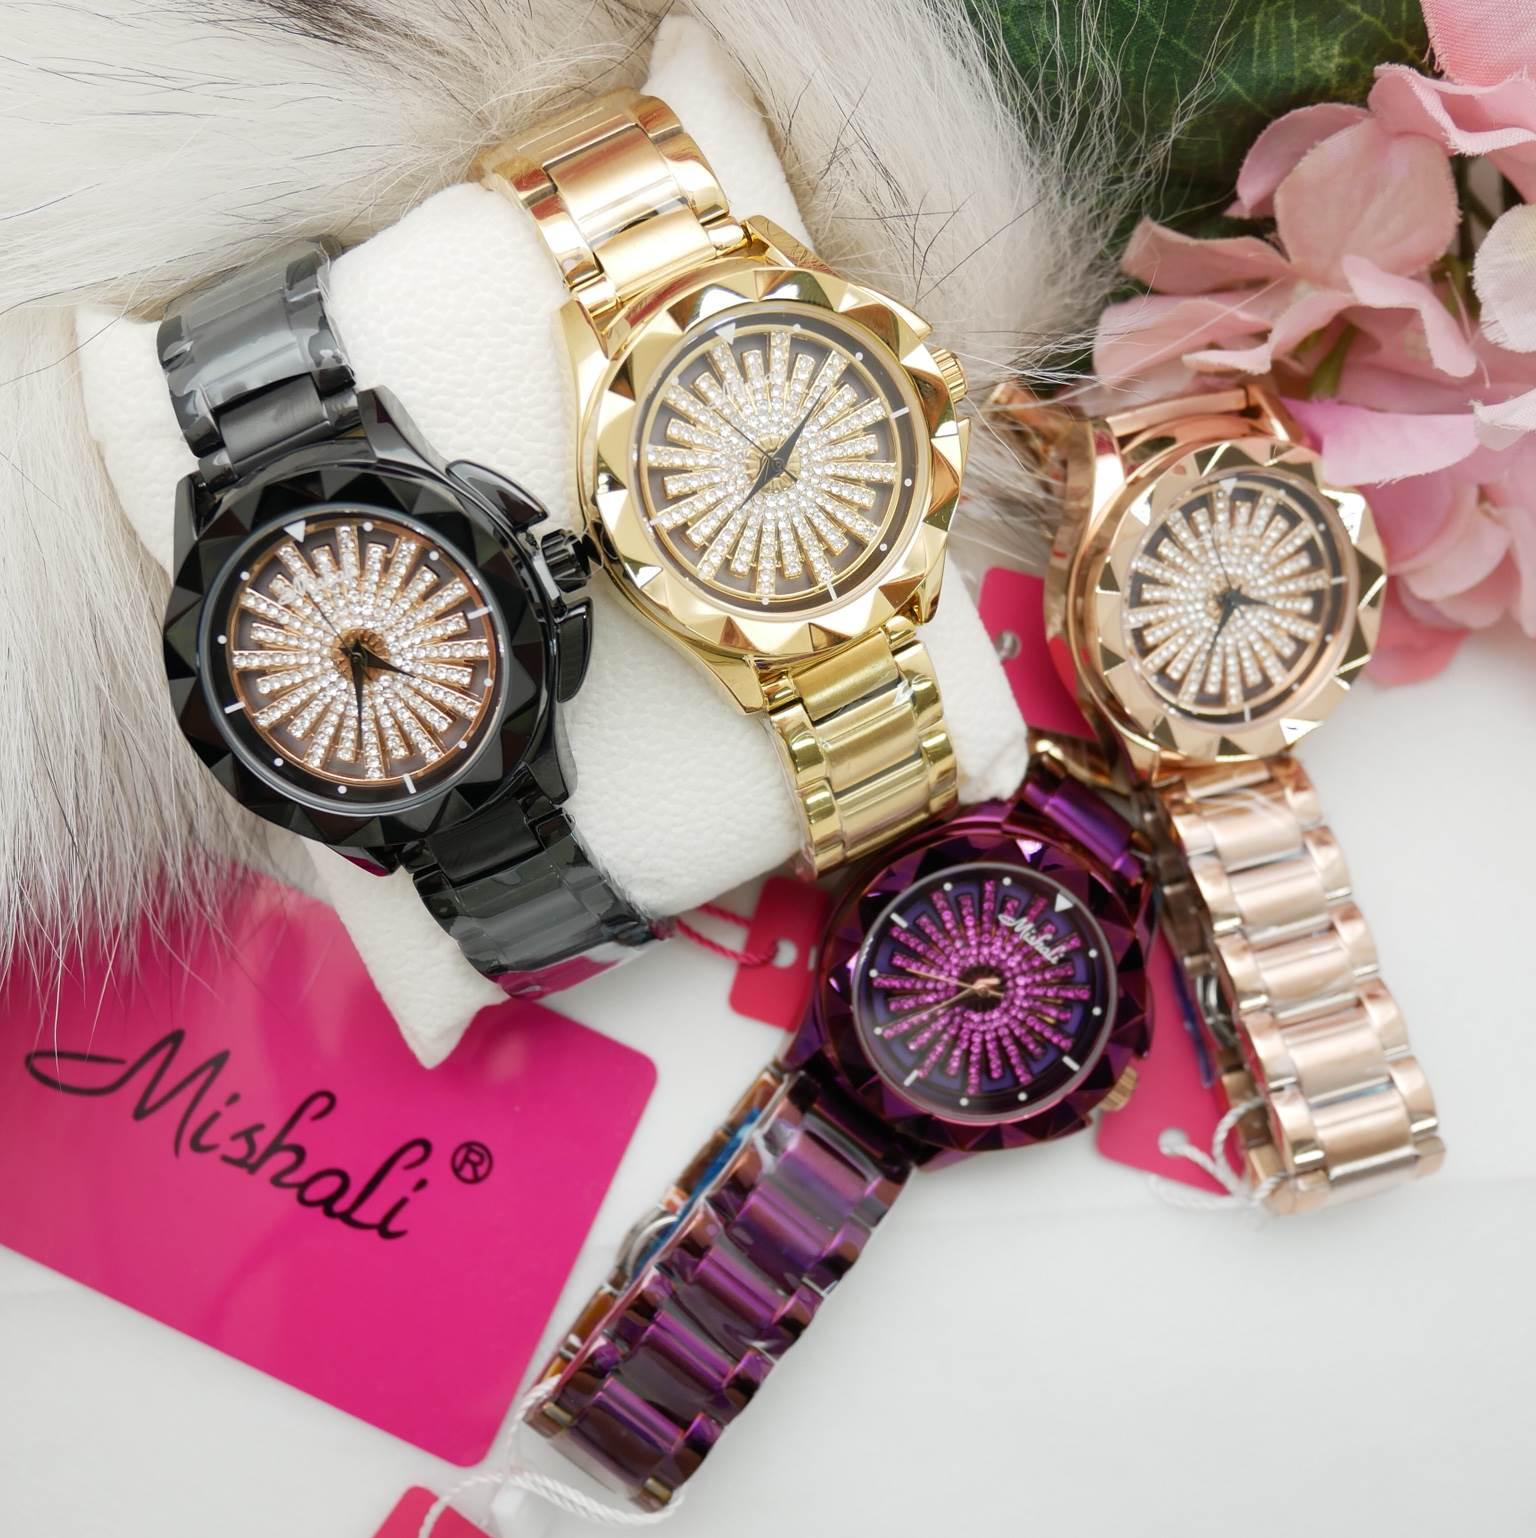 นาฬิกาข้อมือผู้หญิง MISHALI M13980C A